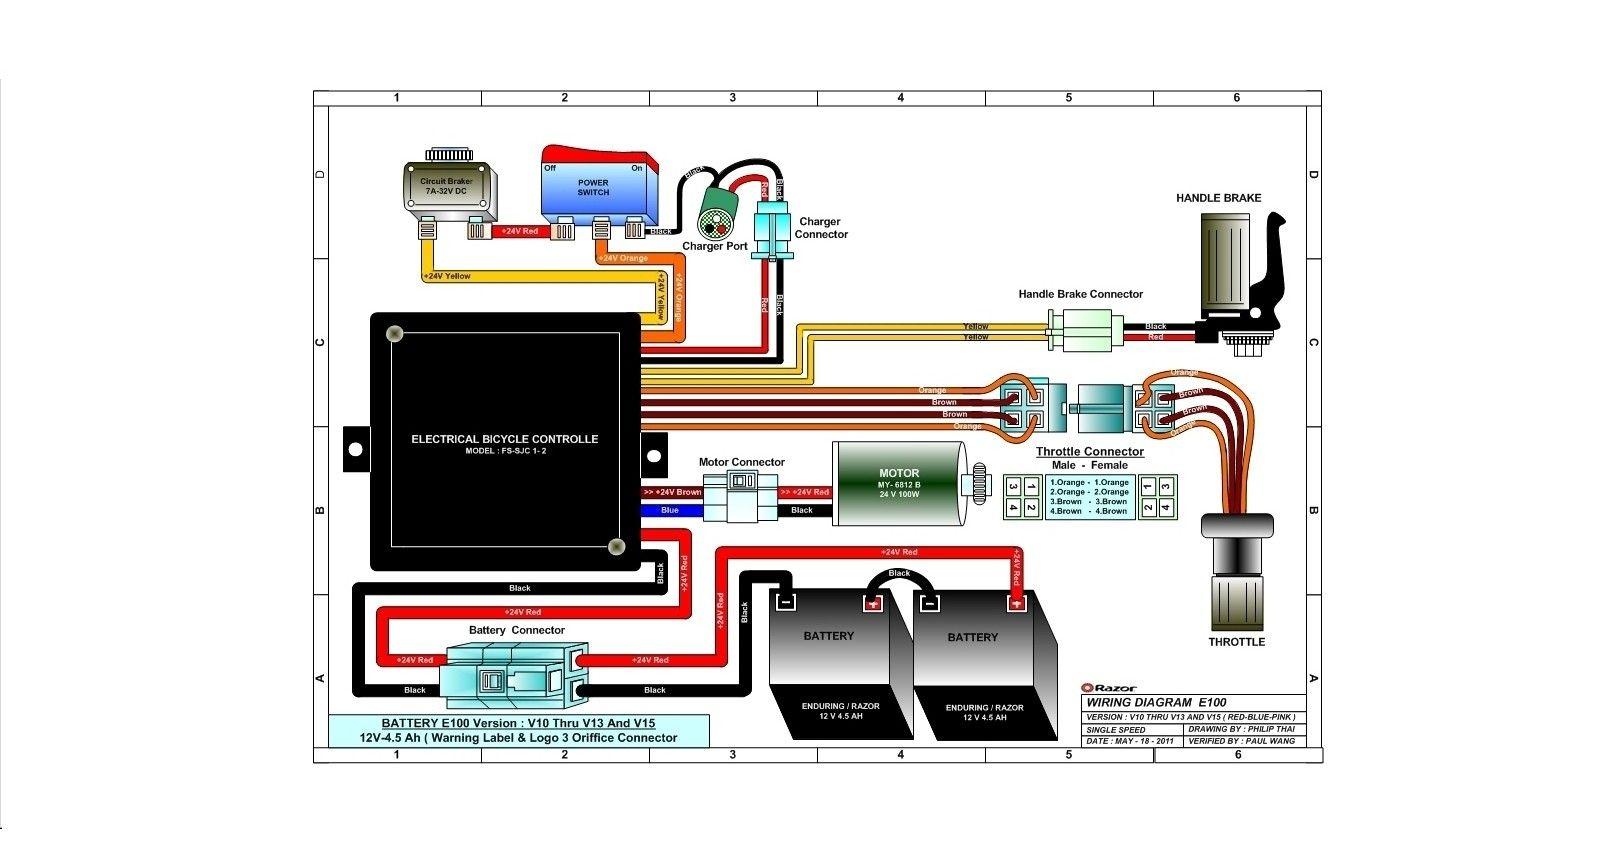 E100 Razor Wiring In 2020 Wire Razor Diagram